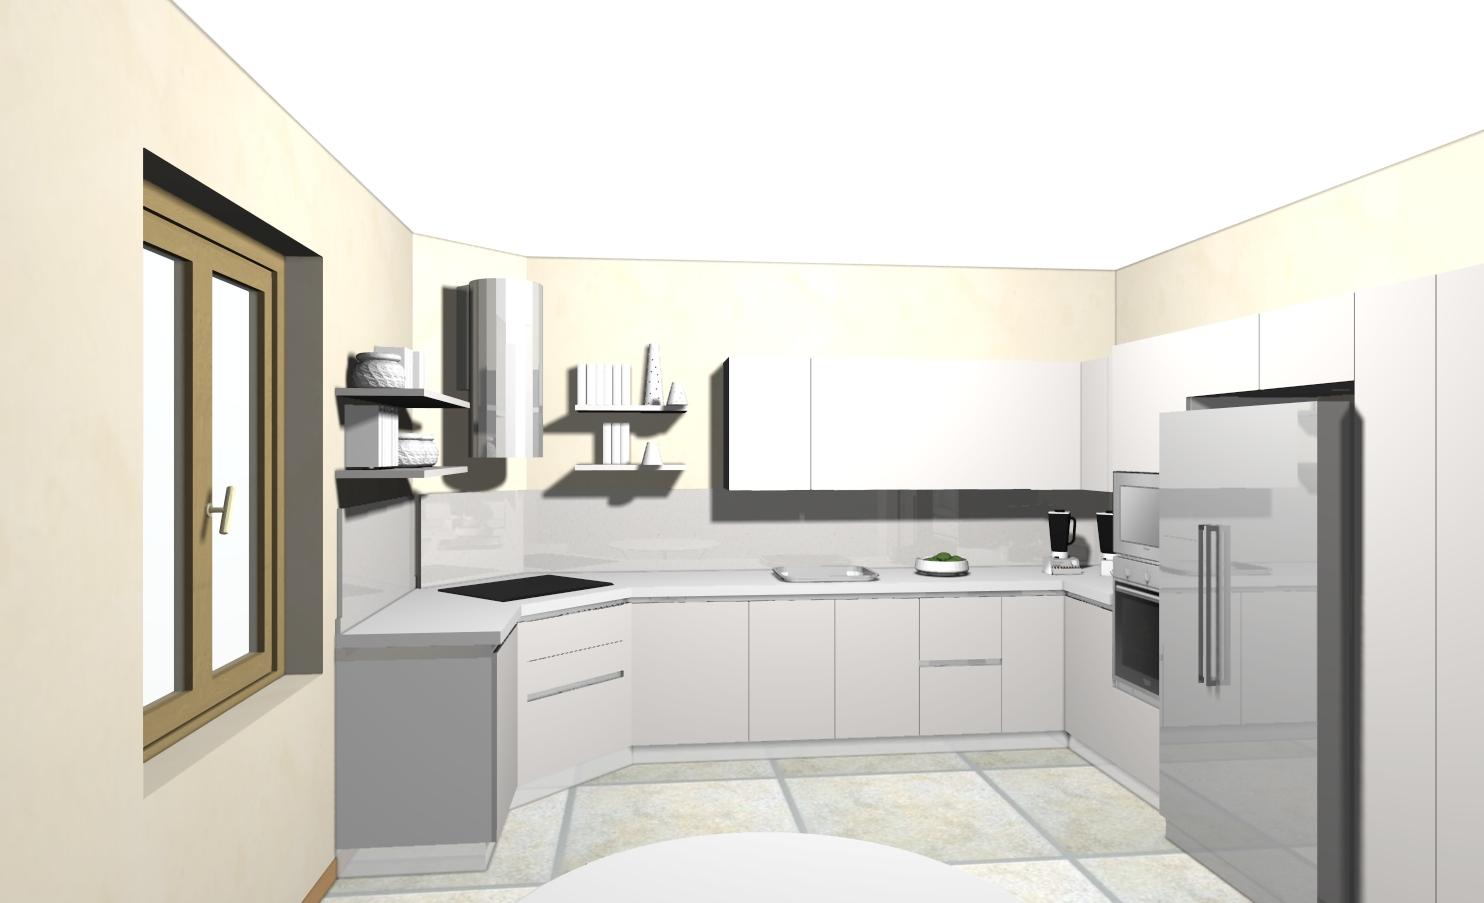 Progetto cucina con isola centrale - Progetto cucina angolare ...